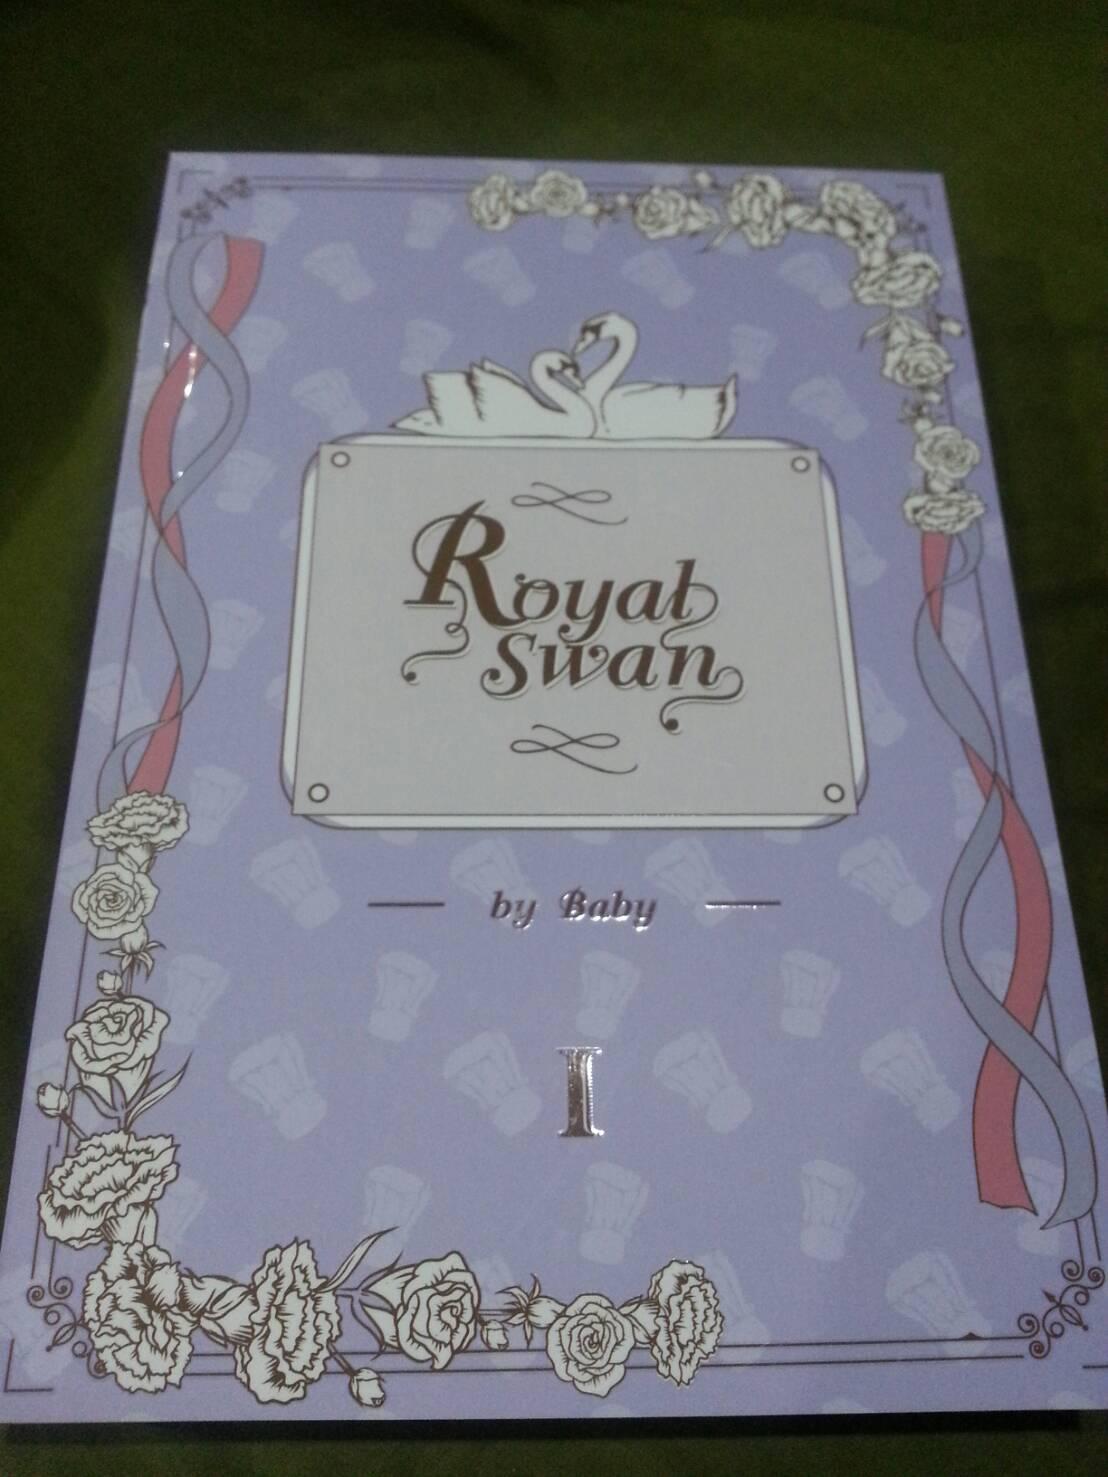 Royal Swan By baby เล่ม 1 มัดจำ 600 ค่าเช่า 120b.